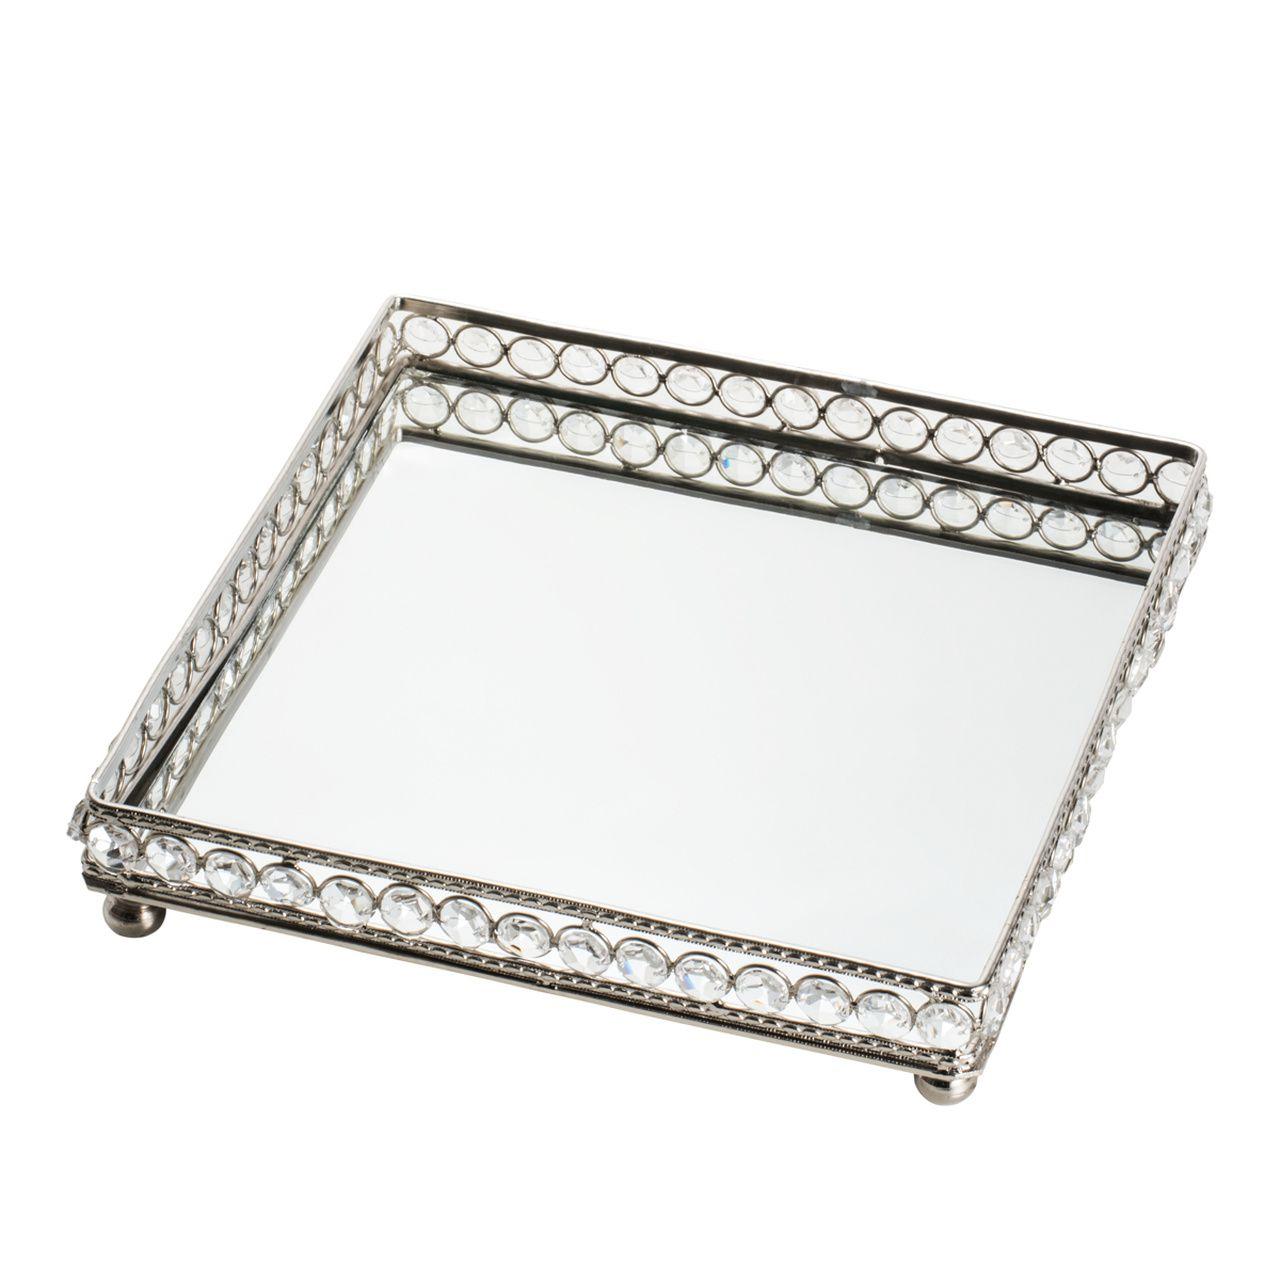 Bandeja de Ferro e Cristais com Espelho Prateado 25,5x25,5x5cm